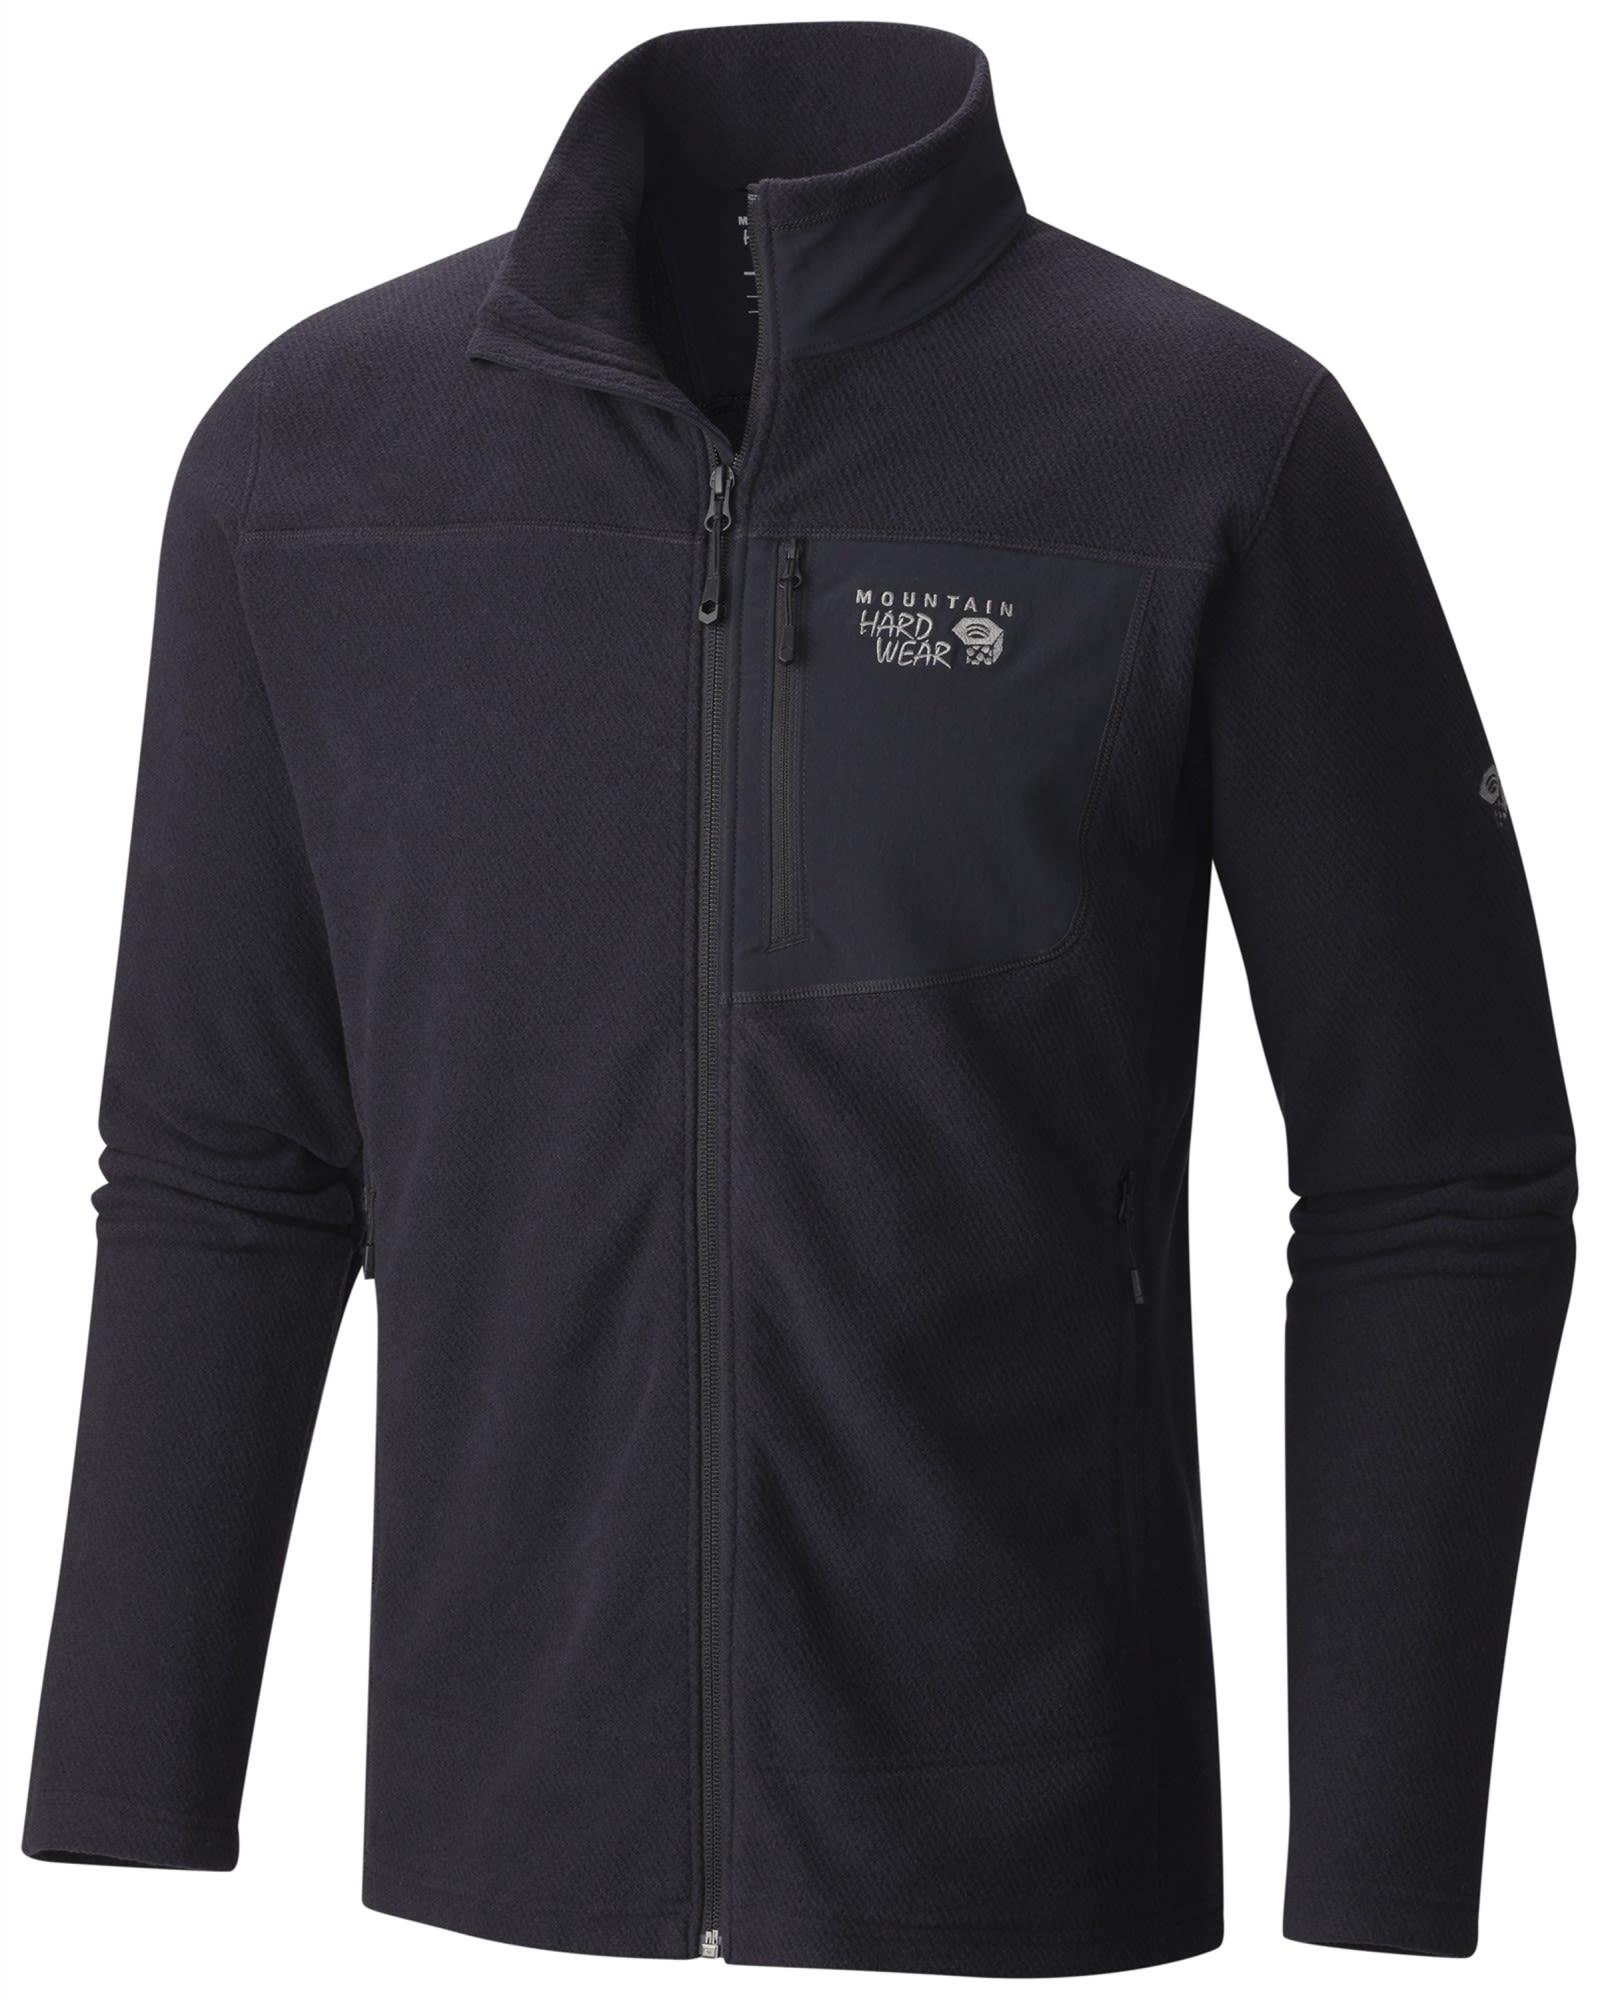 Mountain Hardwear Toasty Twill Jacket Schwarz, Male Fleecejacke, XL